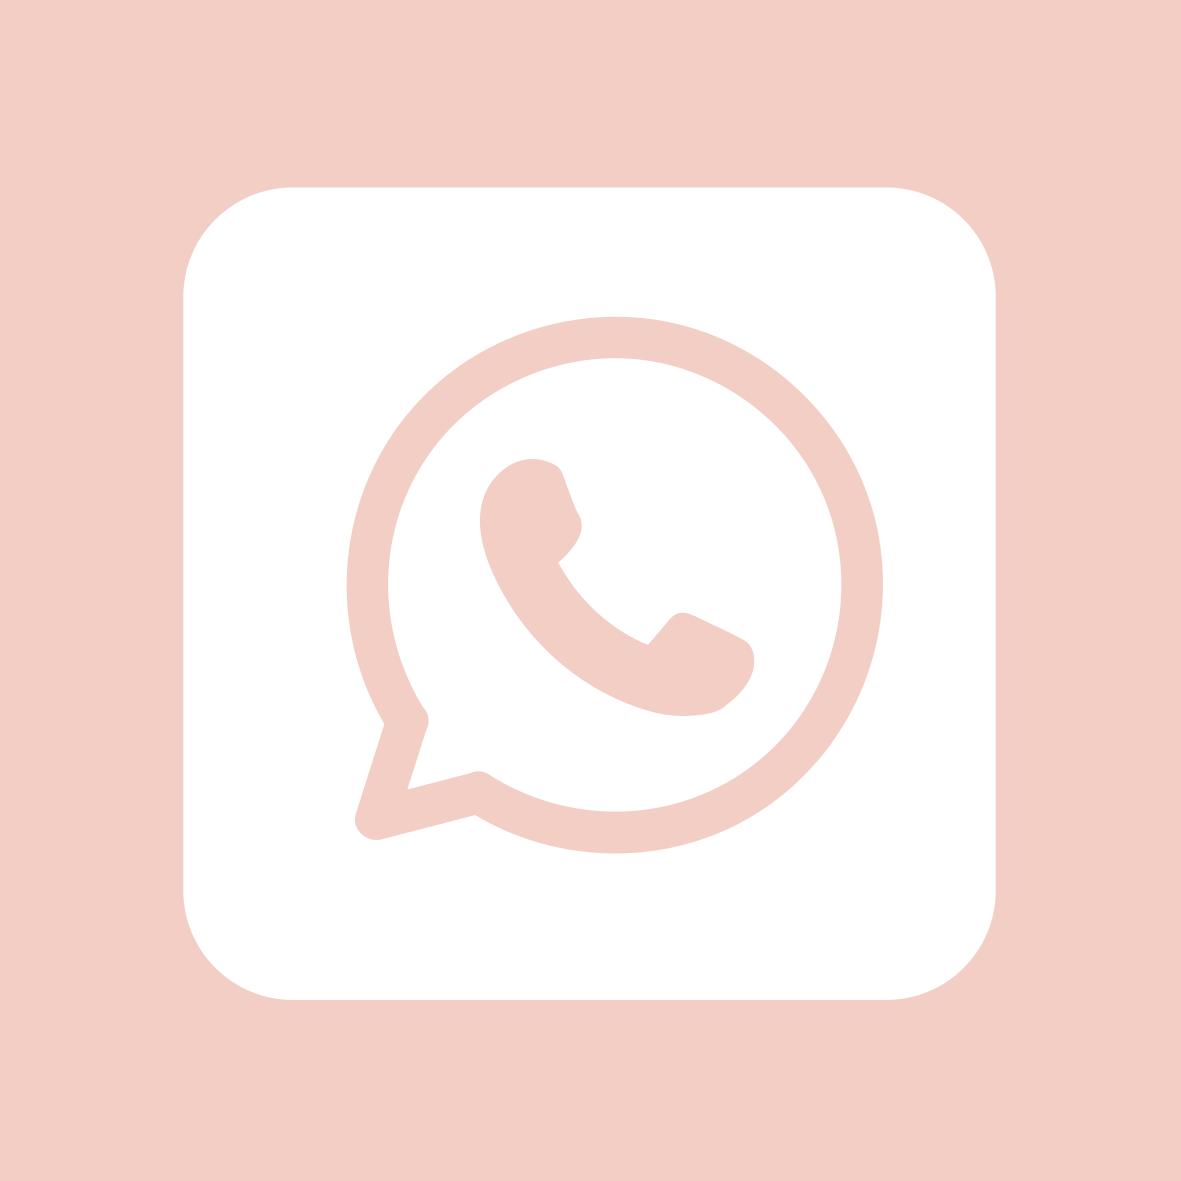 Byanneart Shop Redbubble Em 2021 Icone De App Icones Personalizados Icones Do Iphone